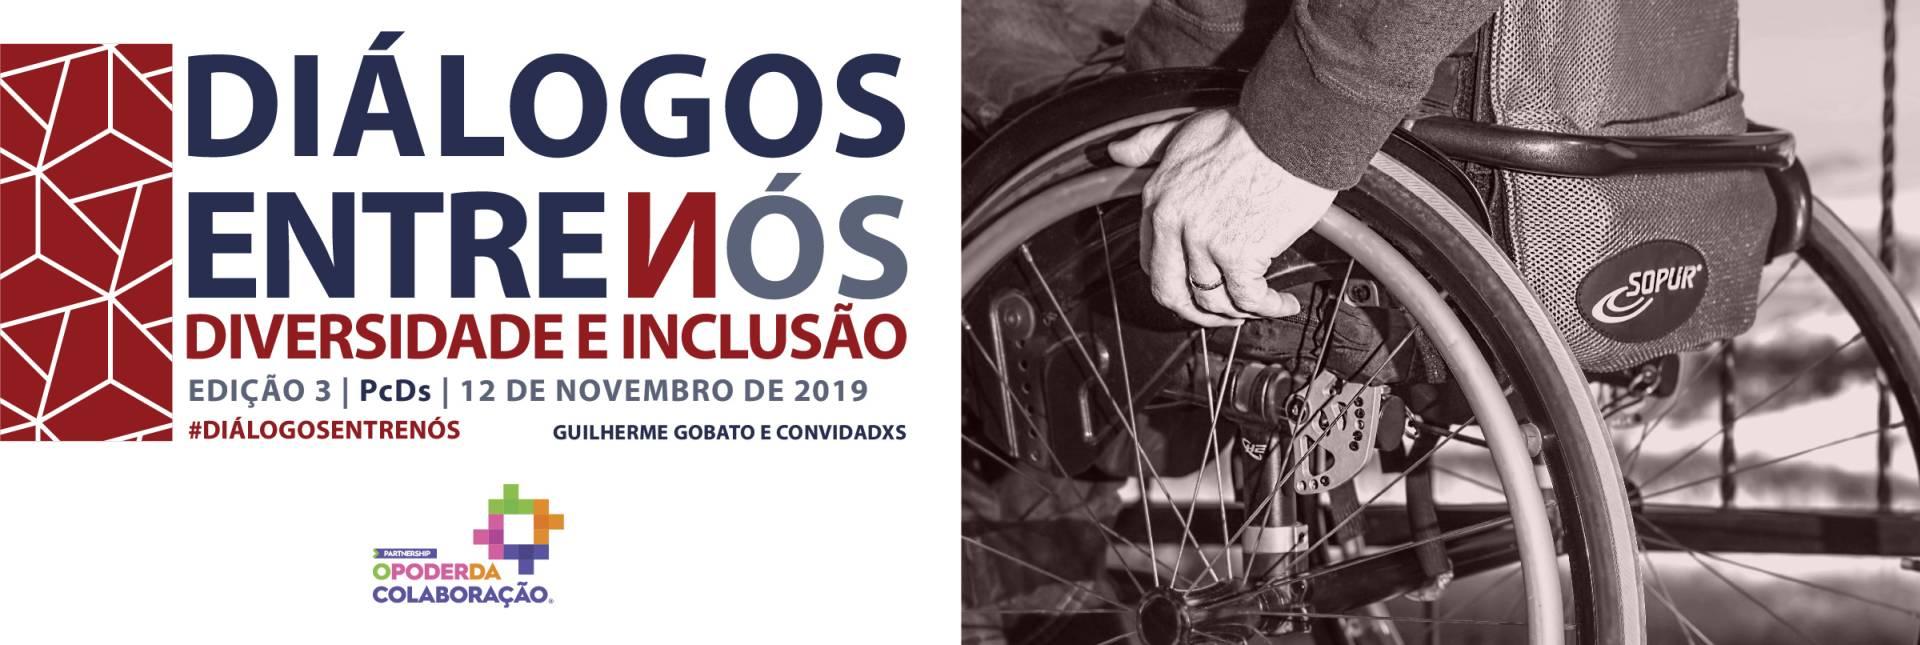 banner do evento, contendo o nome e a data, ao lado tem a imagem de uma cadeira de rodas